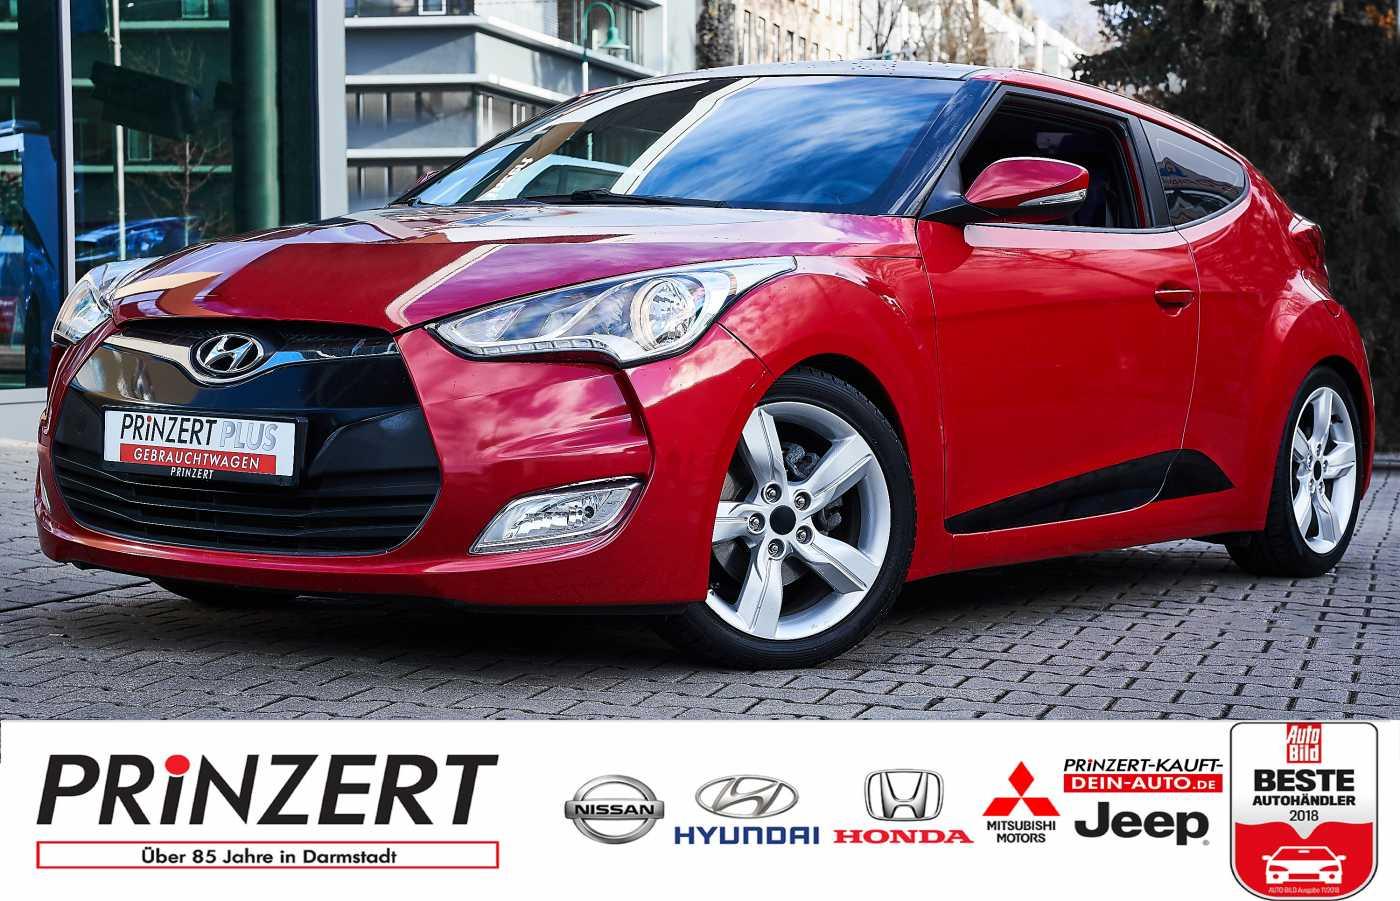 Hyundai Veloster 1.6 DCT 'Trend' 8-Fach, Jahr 2012, Benzin